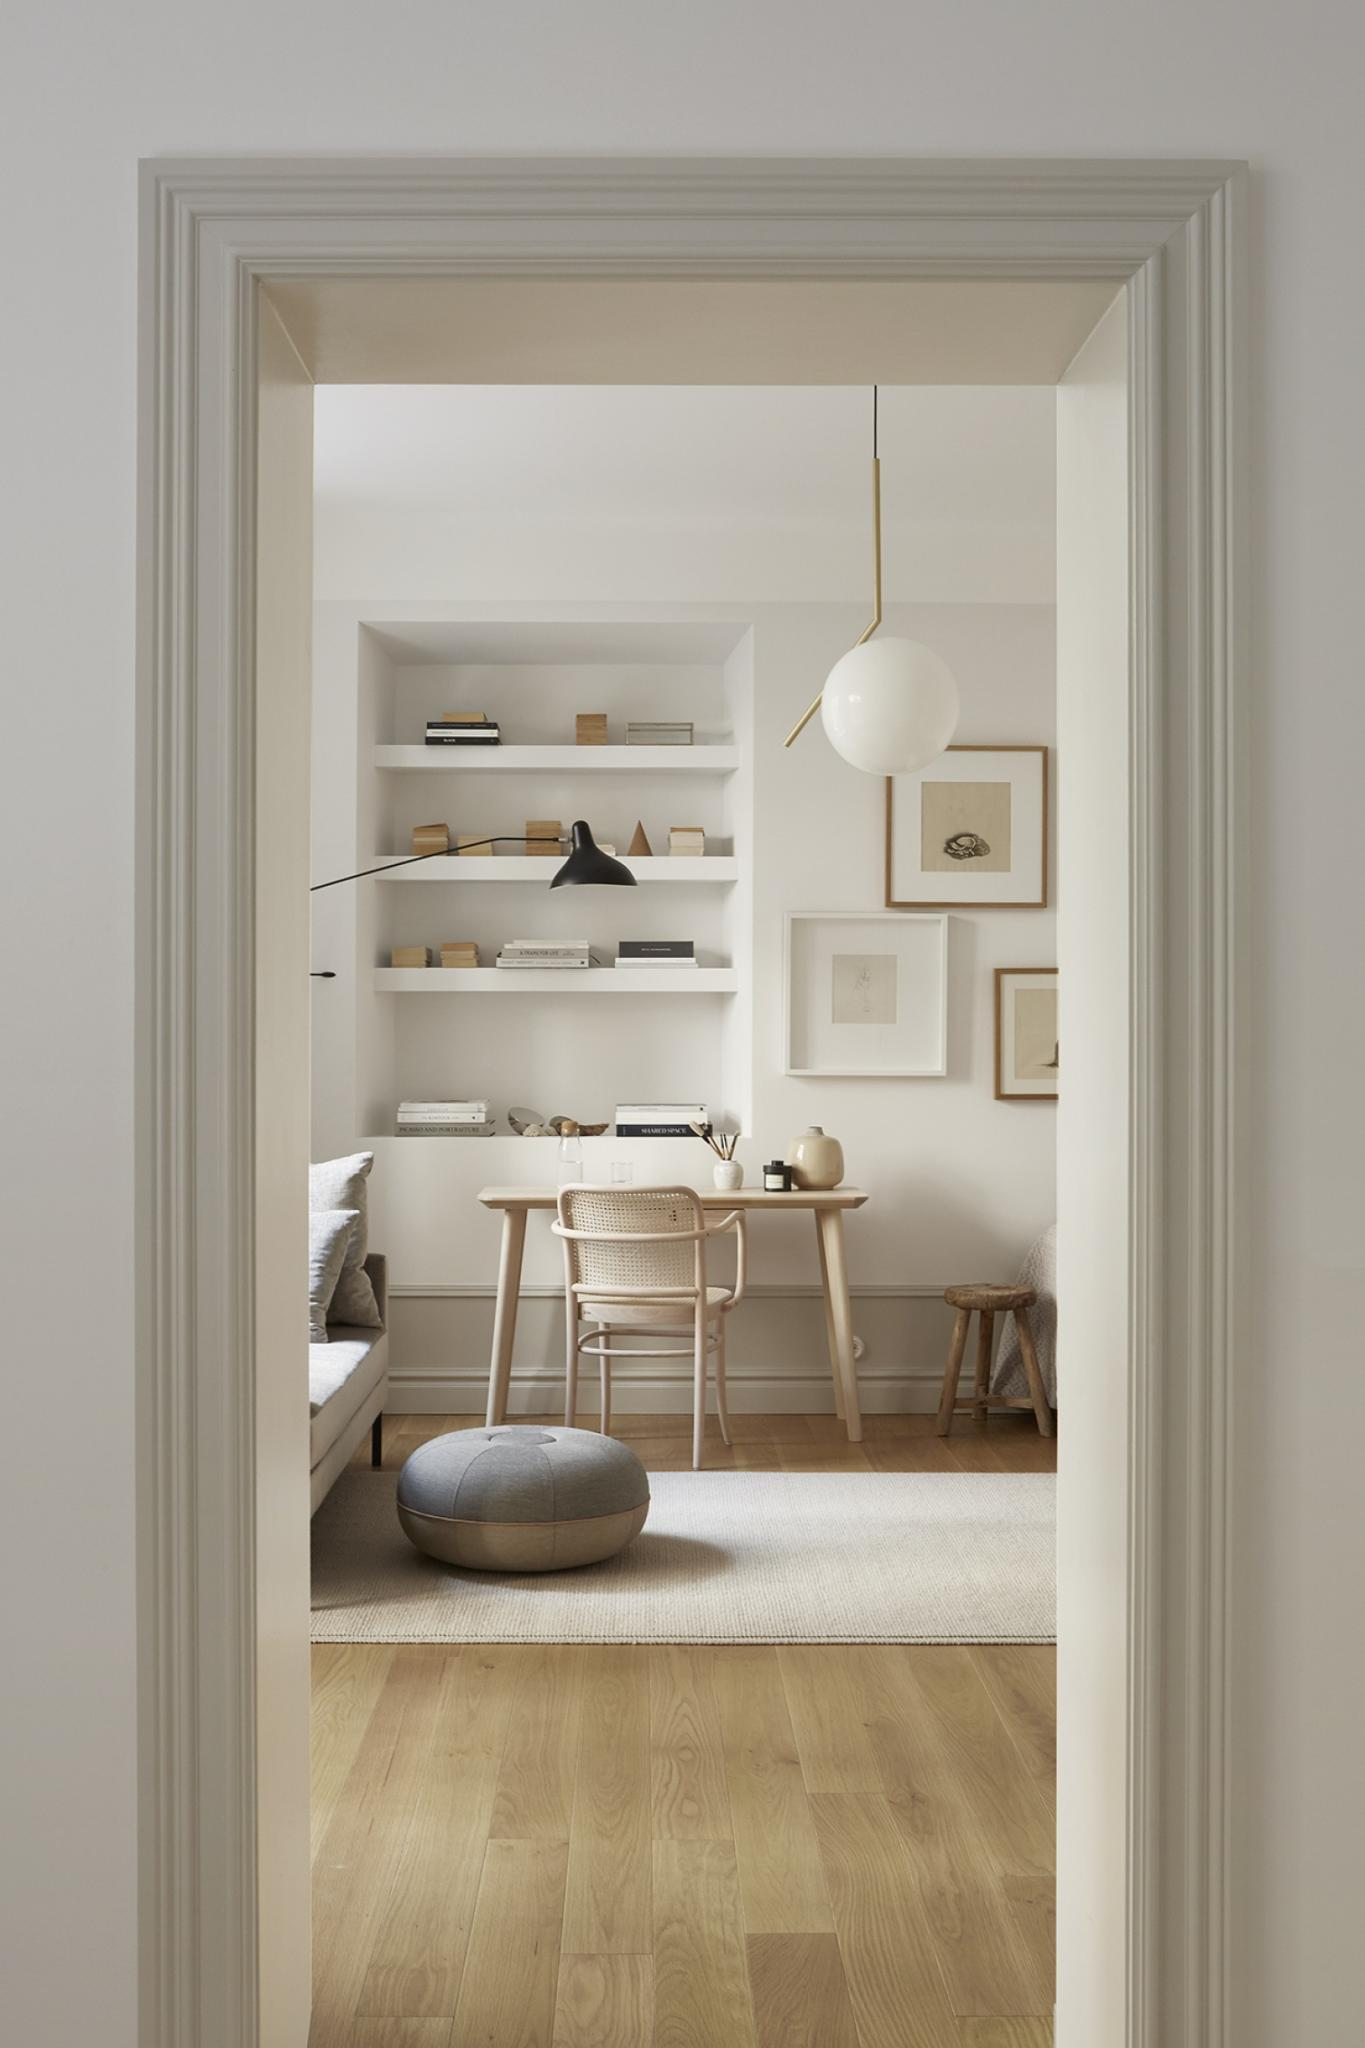 Et smukt kig ind i en lys stue med indbygget reol. Indretingen er holdt i naturfarver.